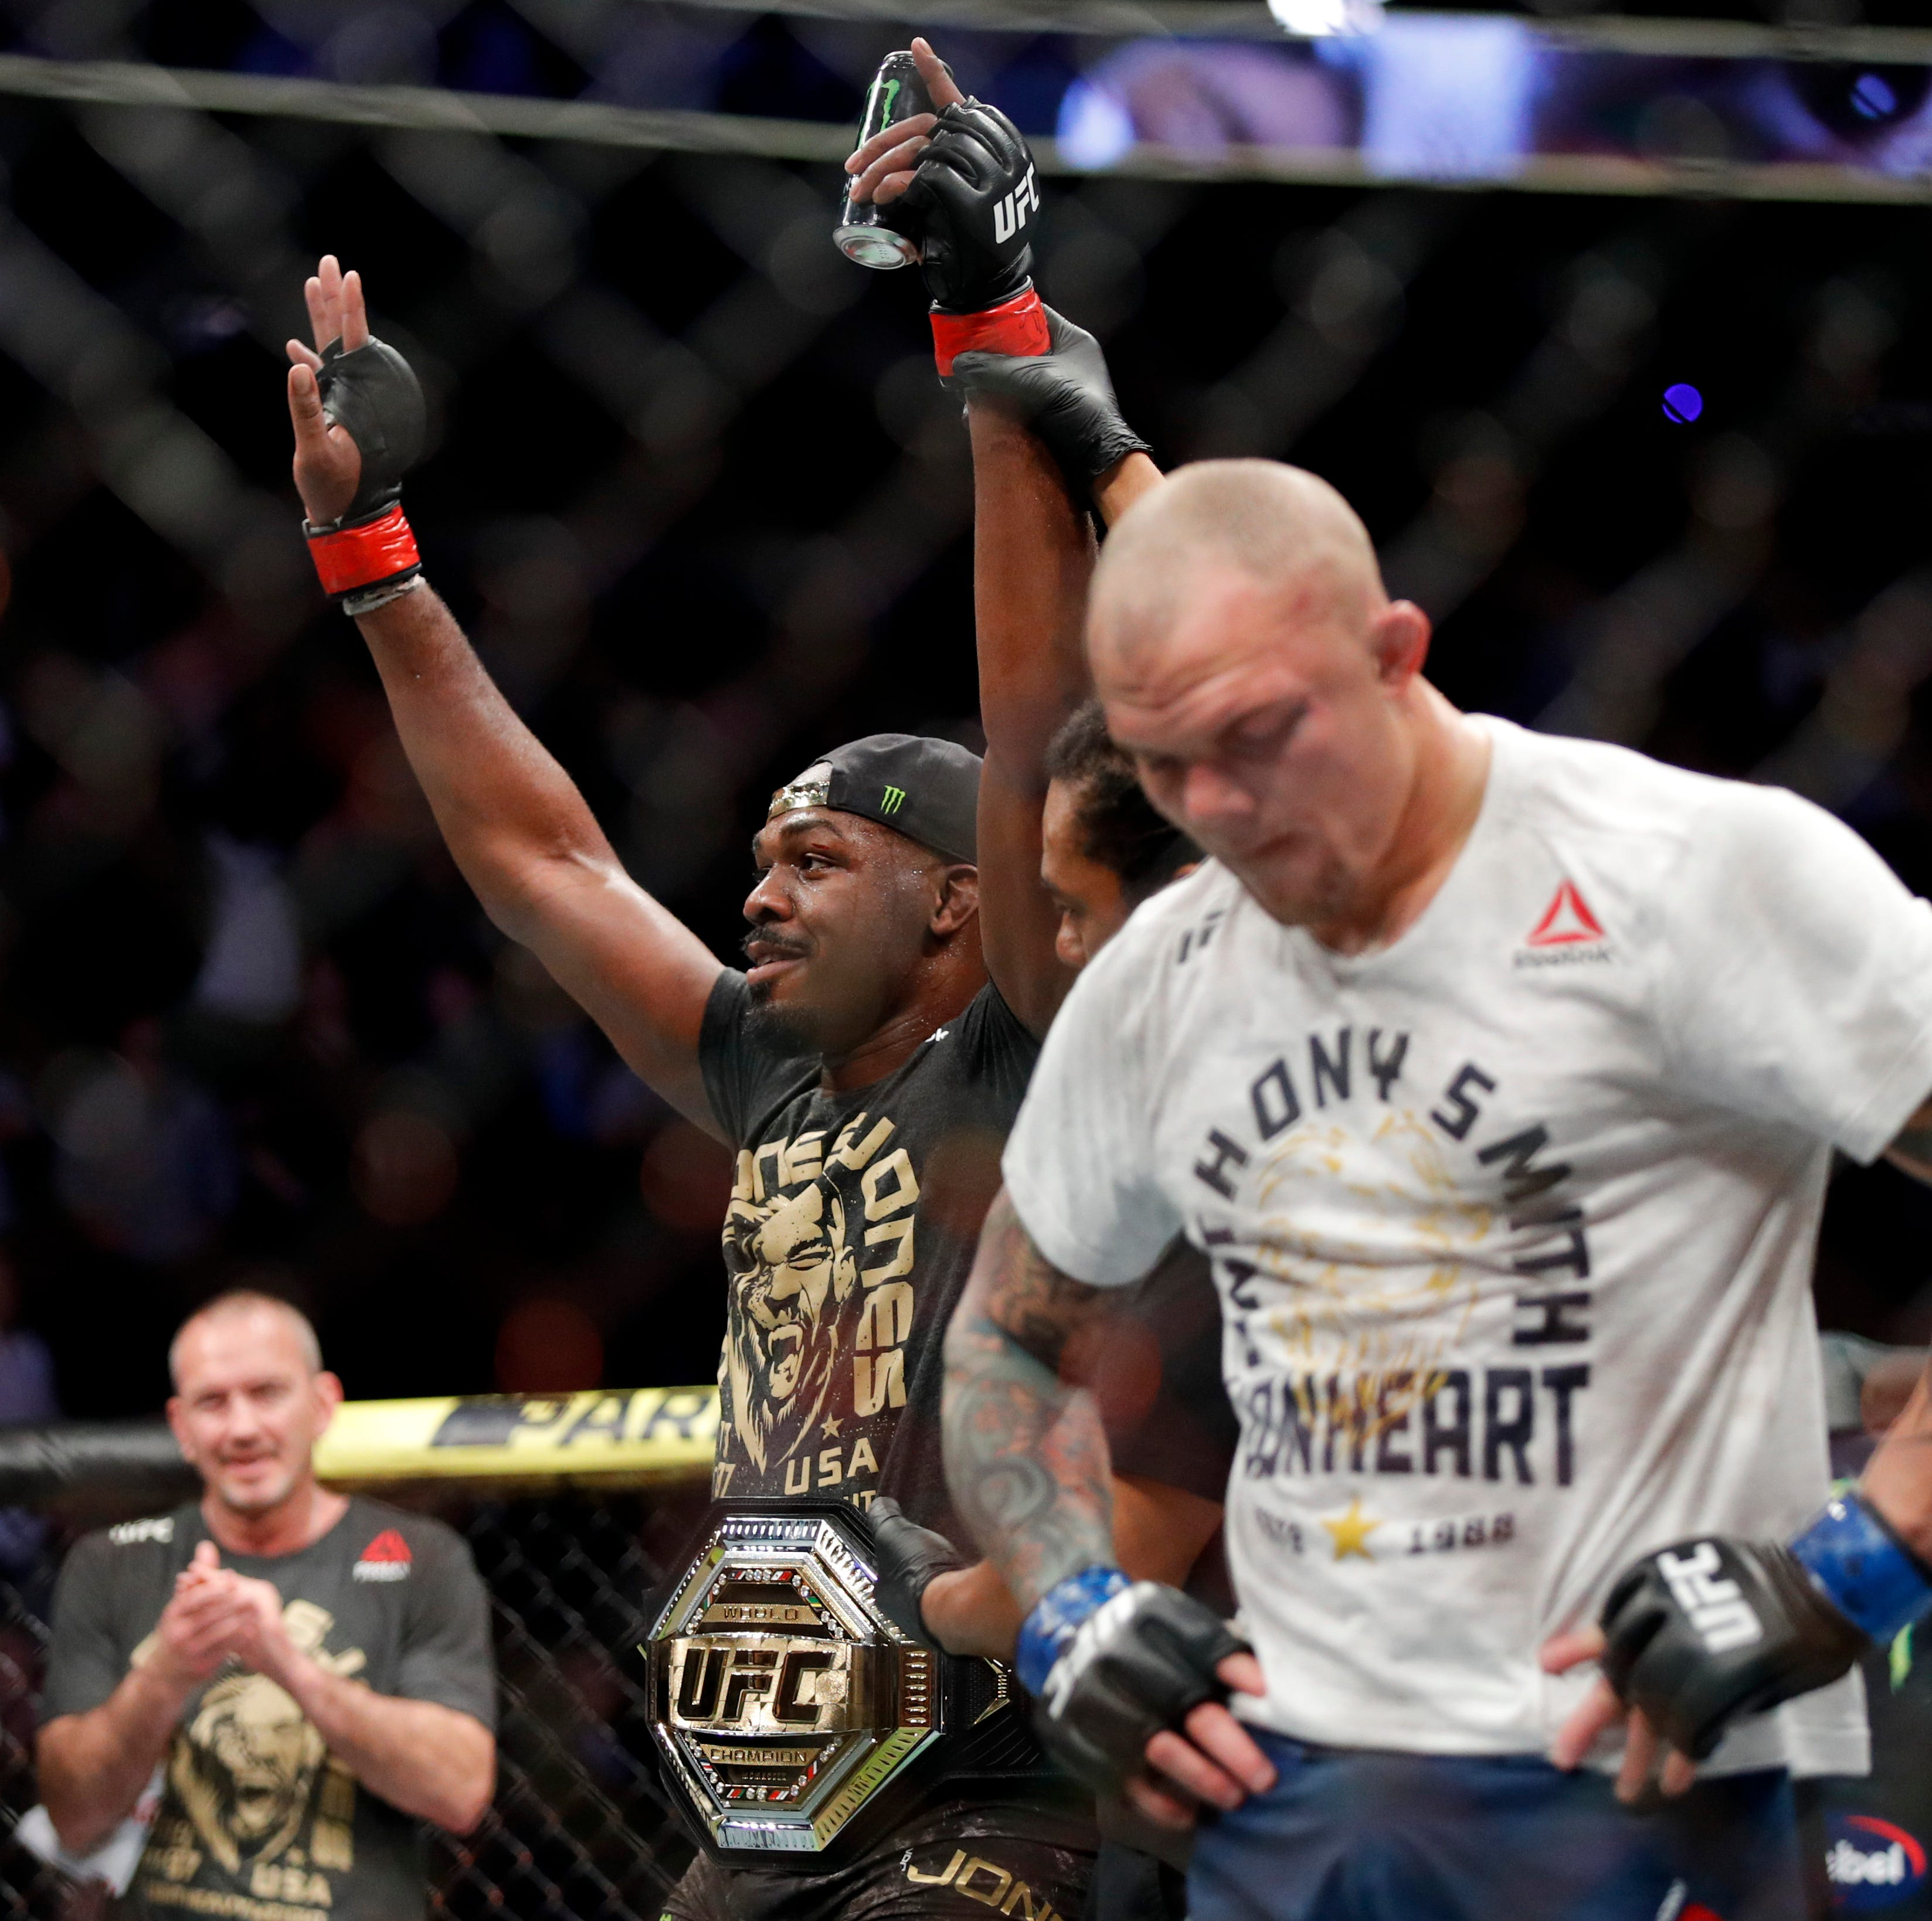 Jon Jones dominates Anthony Smith in UFC title defense